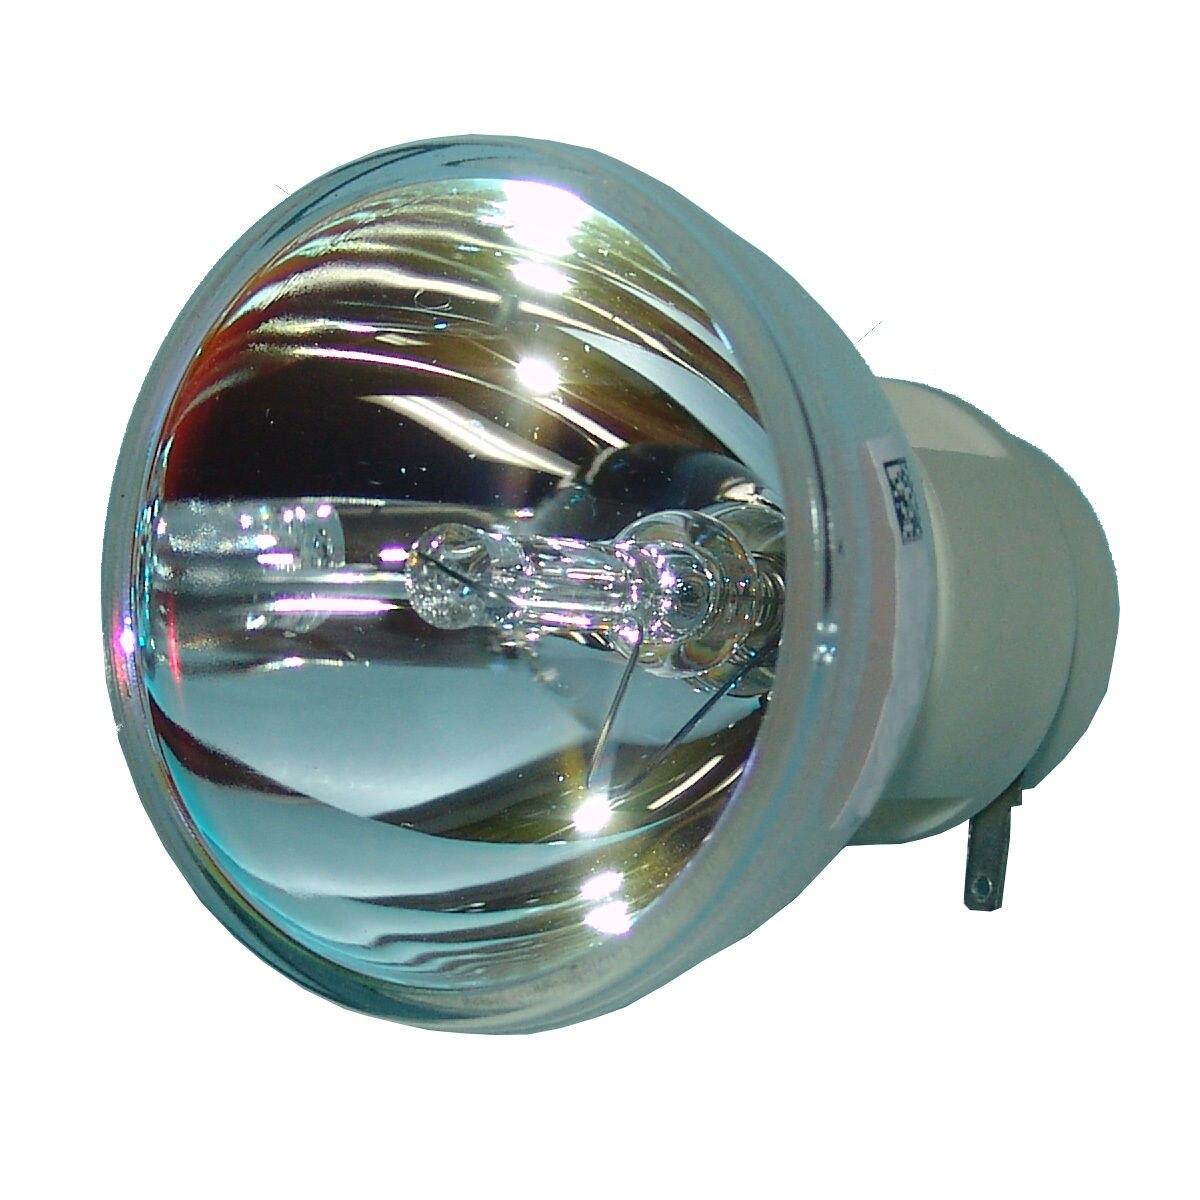 Совместимость голая лампочка BL FP230H BLFP230H SP.8MY01GC01 для OPTOMA GT750 GT750E проектор лампа накаливания без корпуса